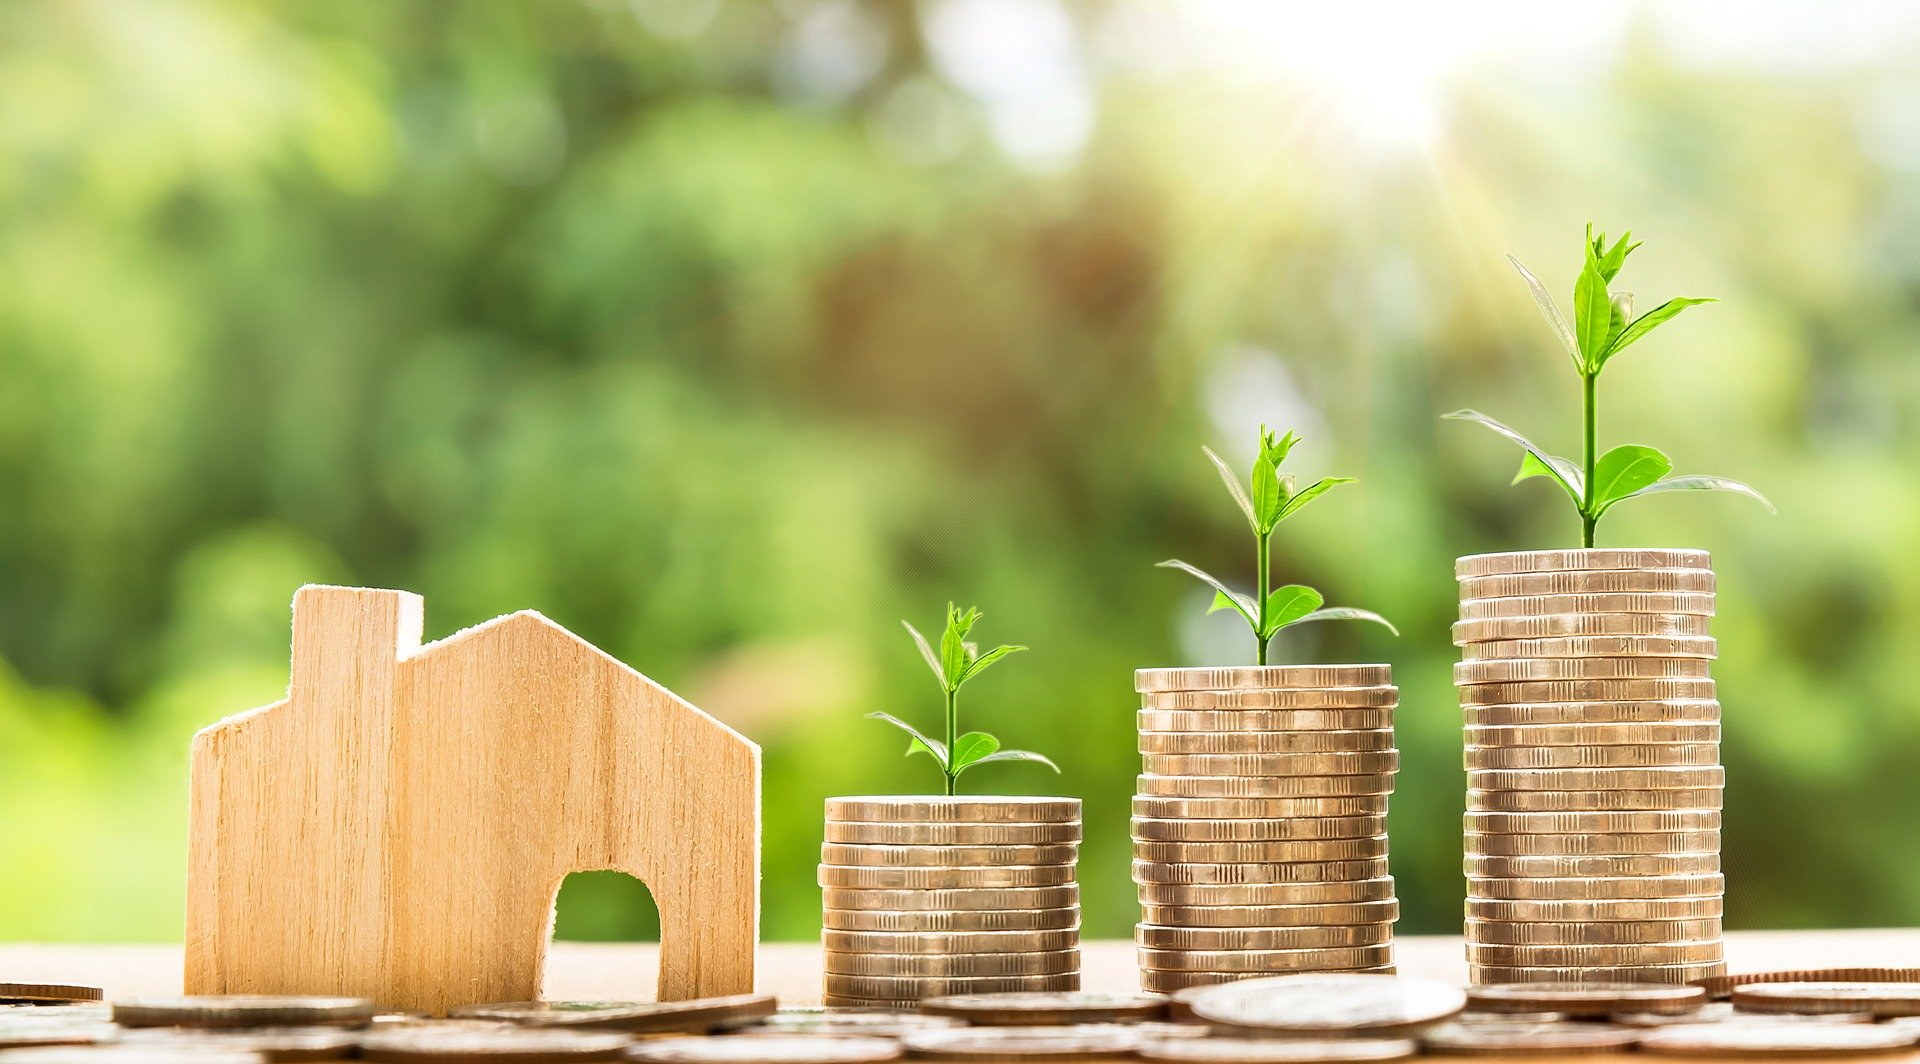 Como saber se um investimento é seguro e rentável?